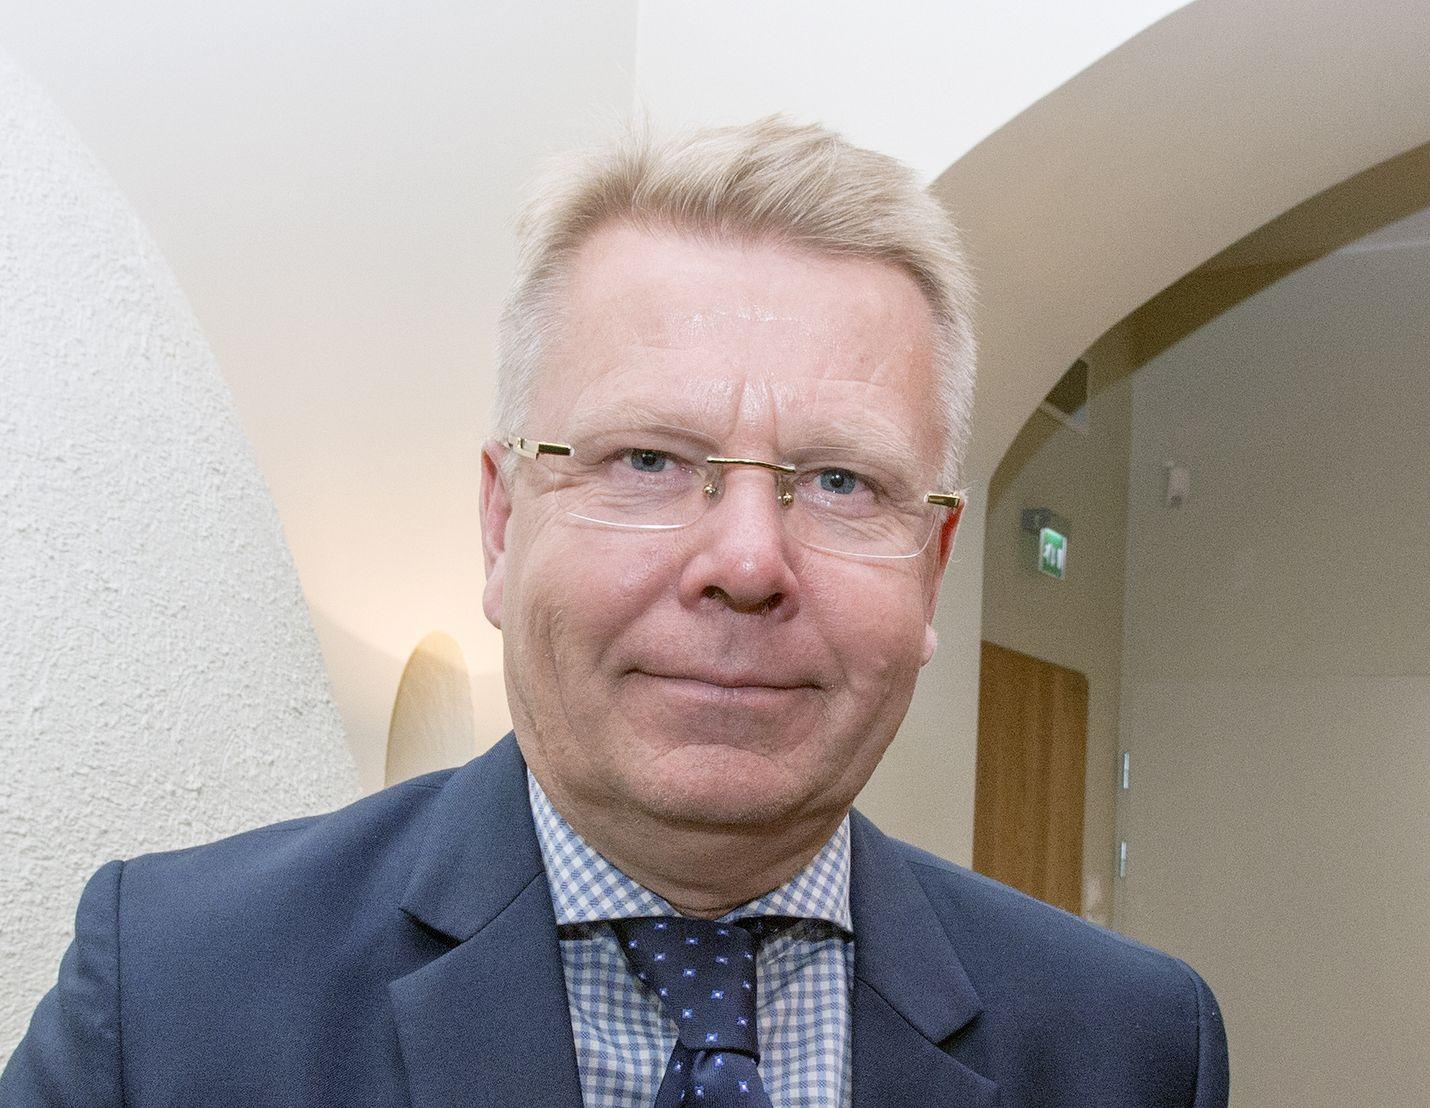 Elinkeinoelämän keskusliiton toimitusjohtaja Jyri Häkämies ei pidä tilannetta työmarkkinoilla erityisen kriittisenä.